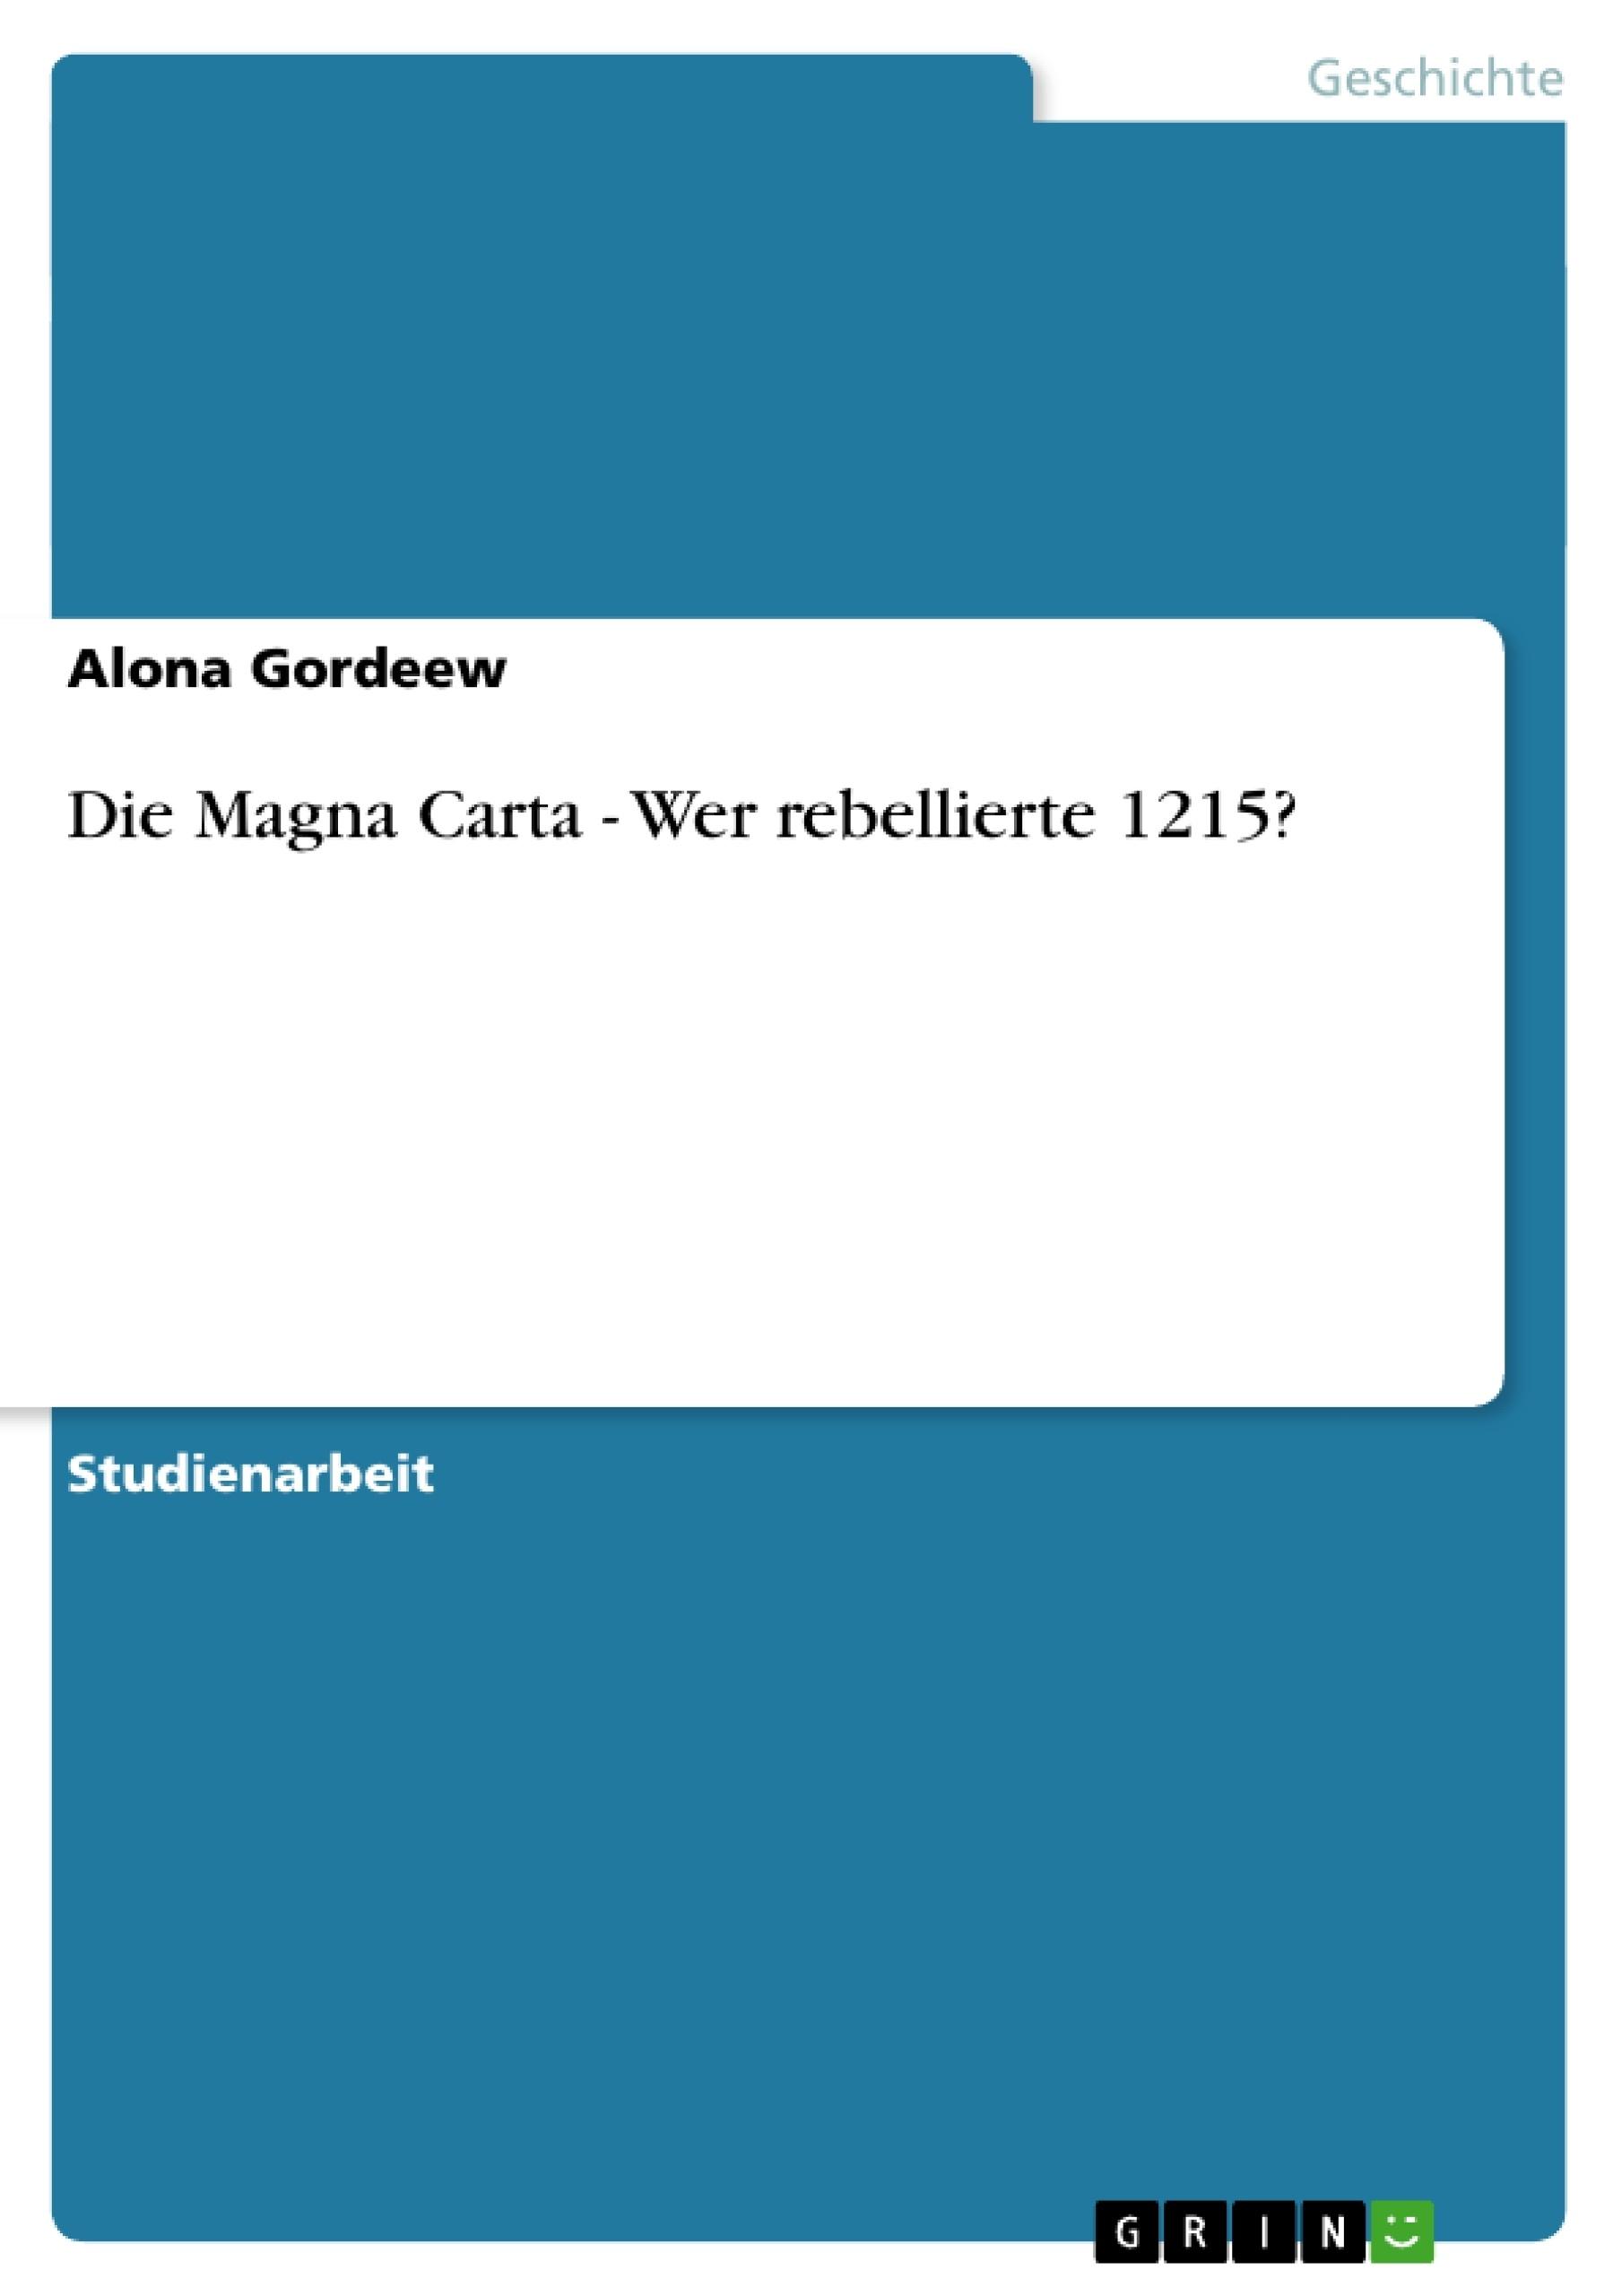 Titel: Die Magna Carta - Wer rebellierte 1215?